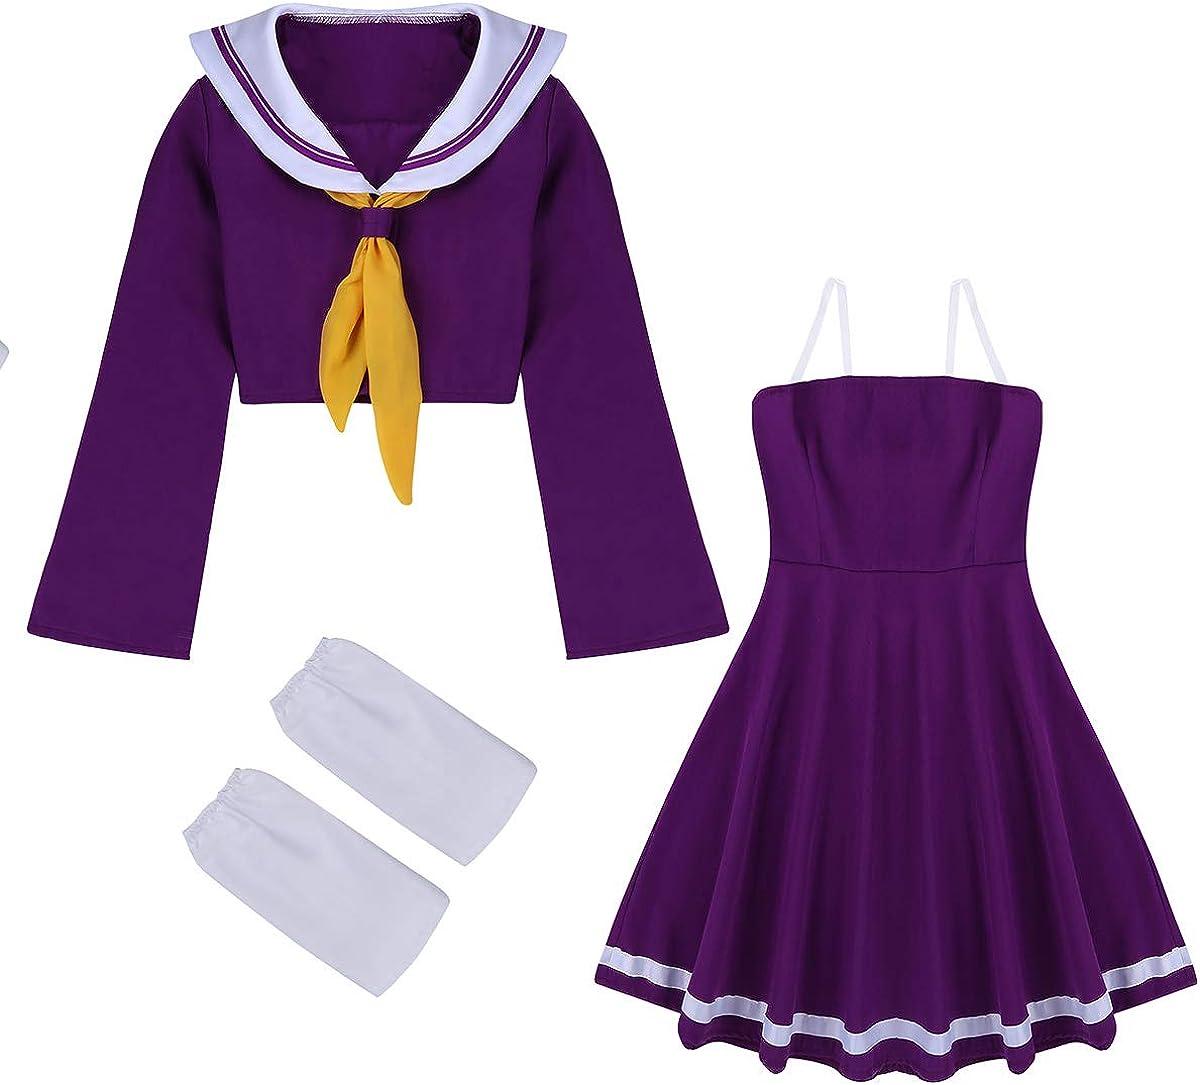 TiaoBug 4Pcs Disfraz de Anime Mujer Cosplay de Marinero Chica Mujer para Fiesta Halloween Carnaval Actuaci/ón Cumplea/ños Fotograf/ía